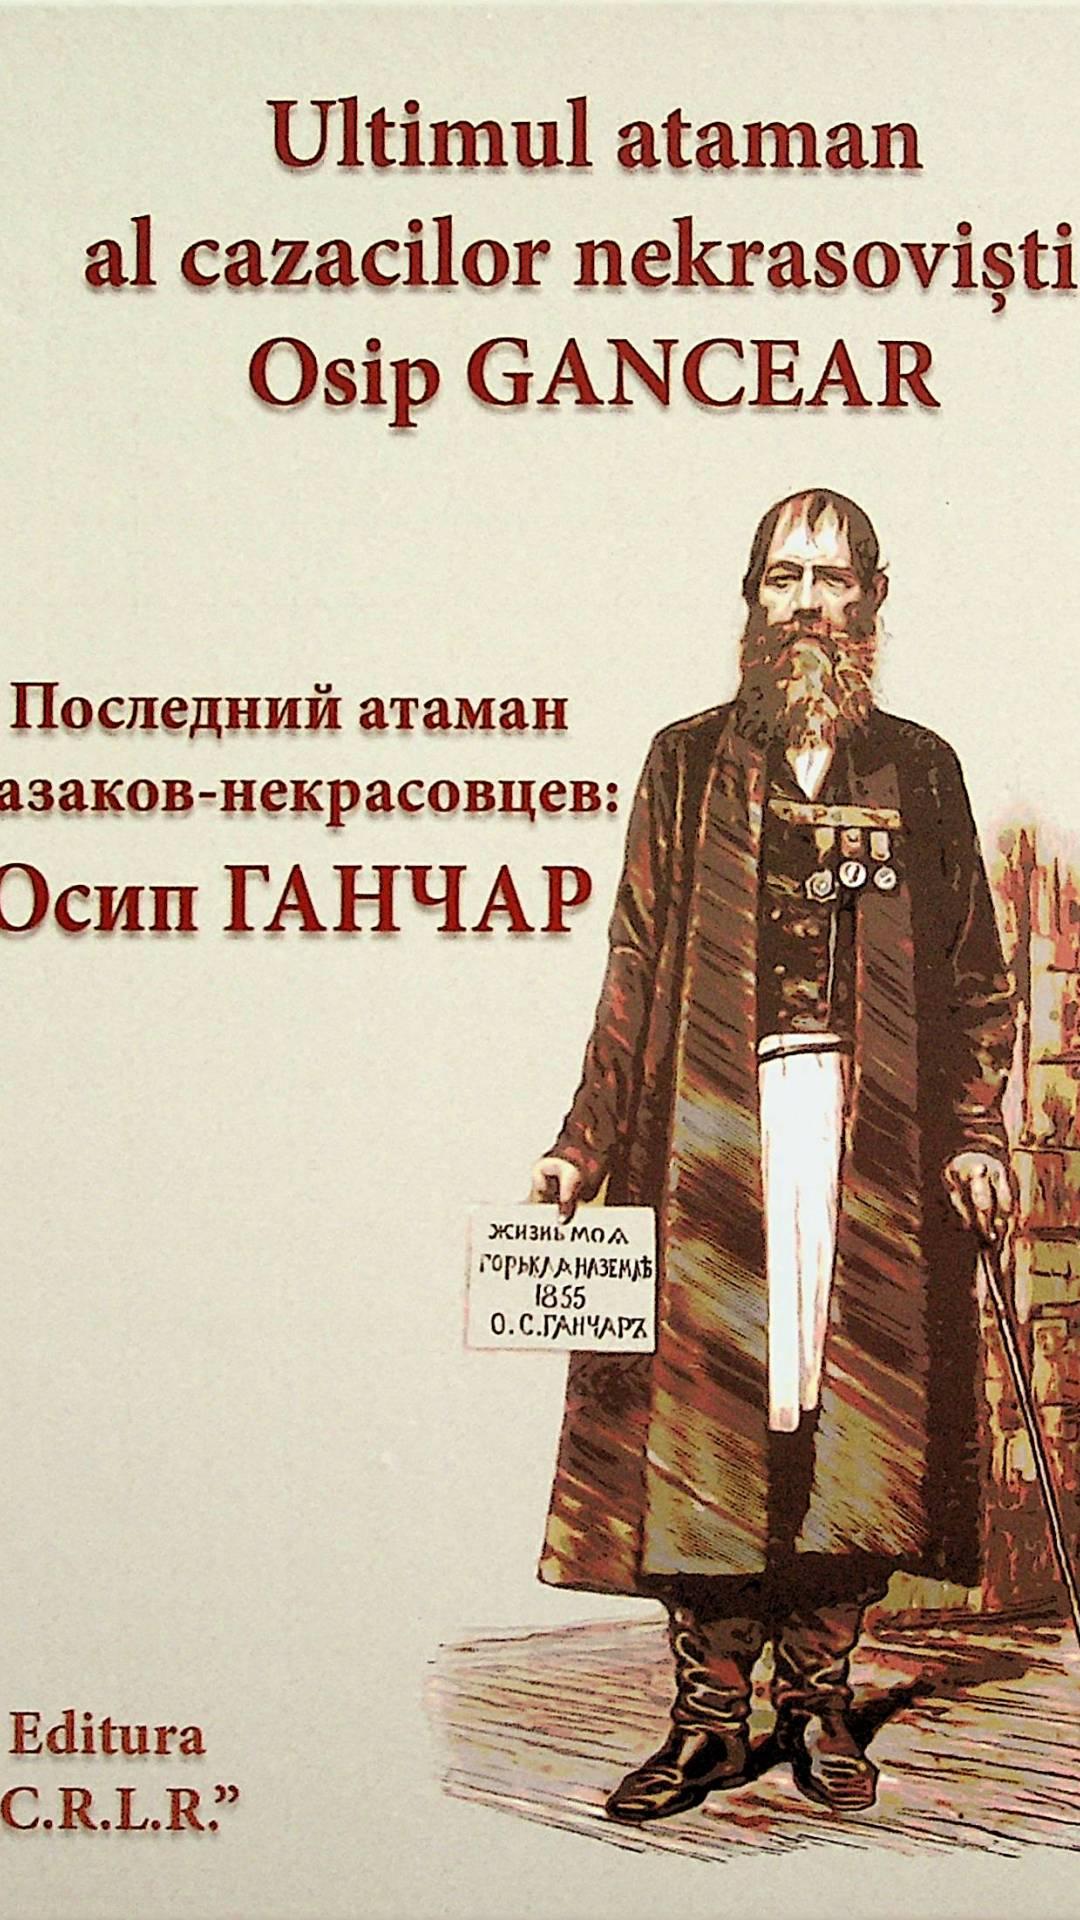 Ultimul ataman al cazacilor necrasoviști: Osip Gancear